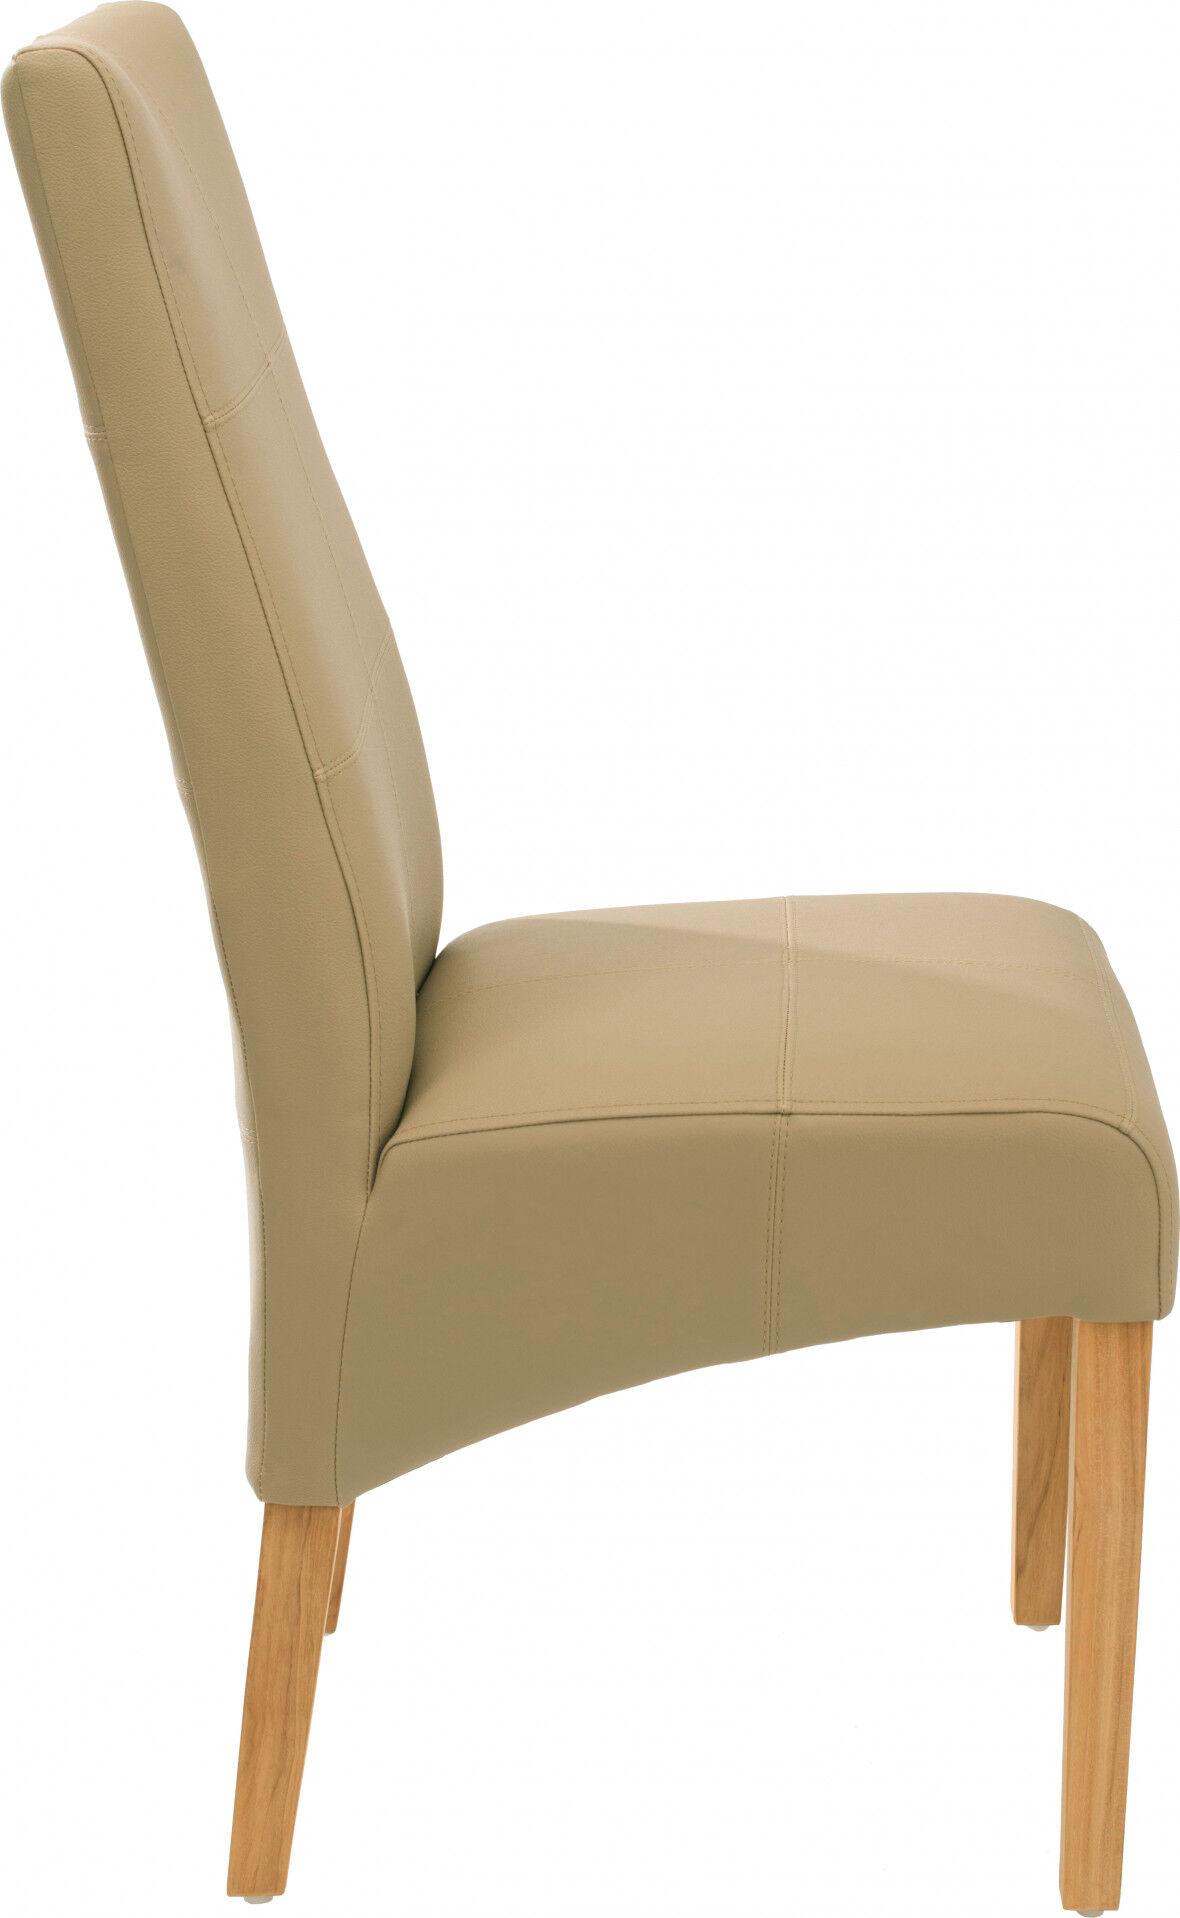 Chaise ELOISE beige assise et dossier avec coutures décoratives